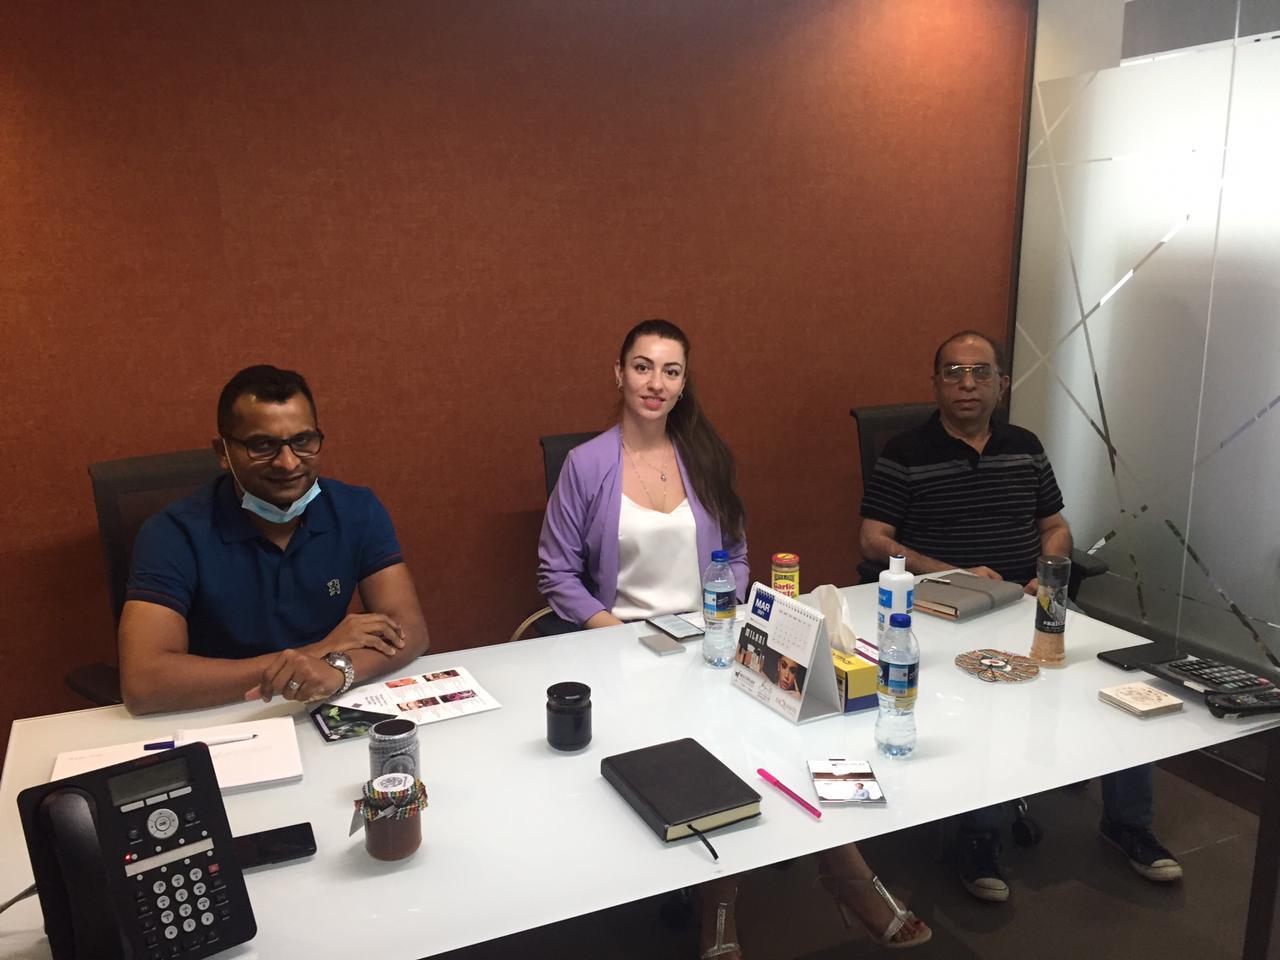 С 17 по 20 марта 2021 года мы организовали бизнес-миссию в ОАЭ